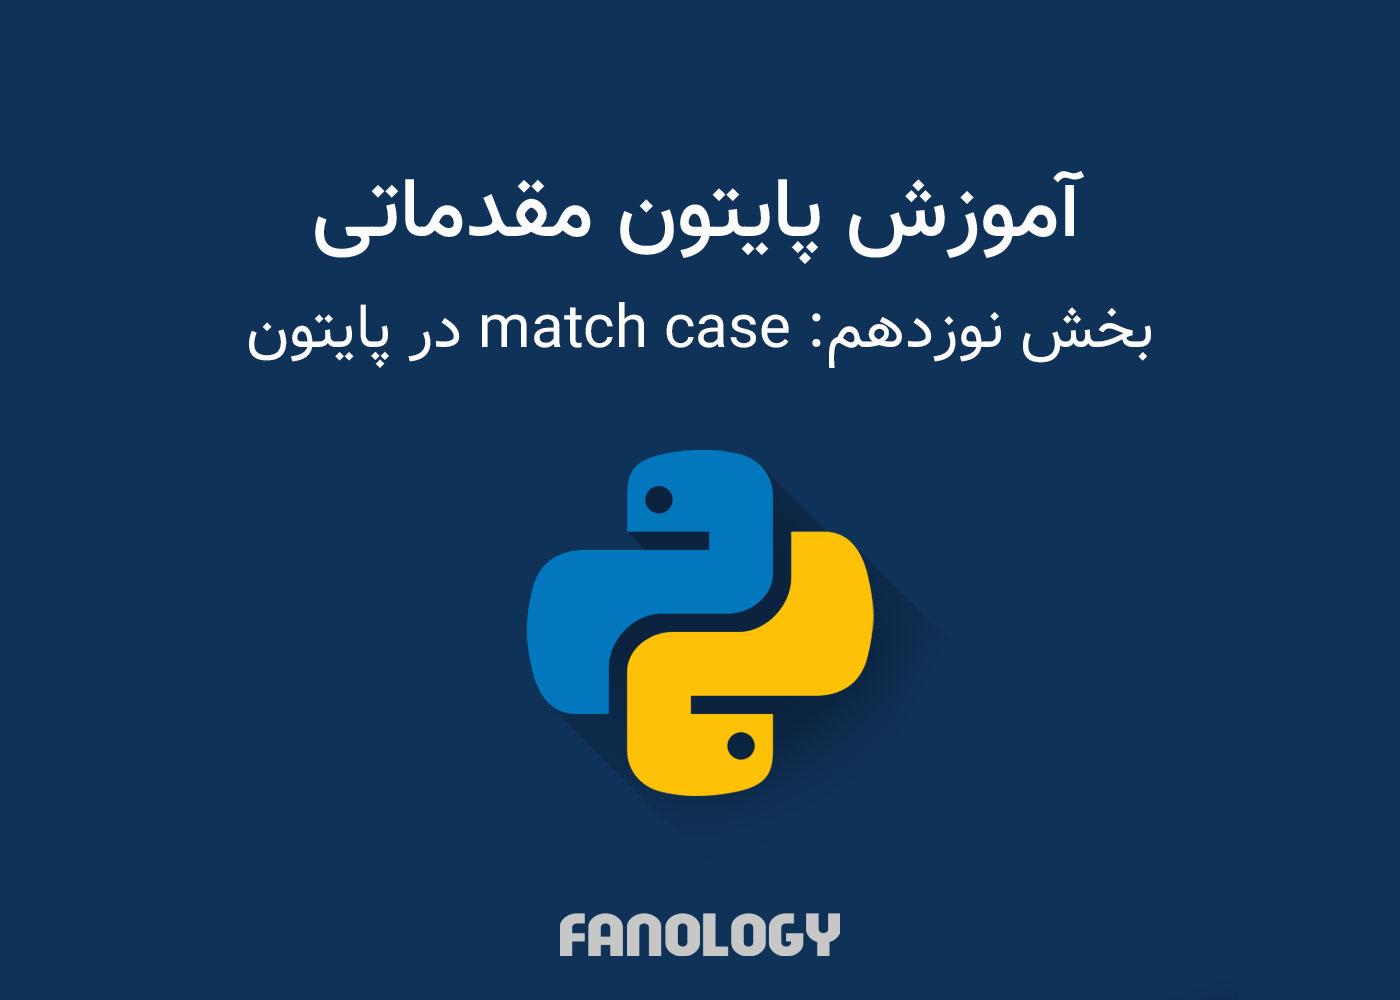 switch case در پایتون / match case در پایتون